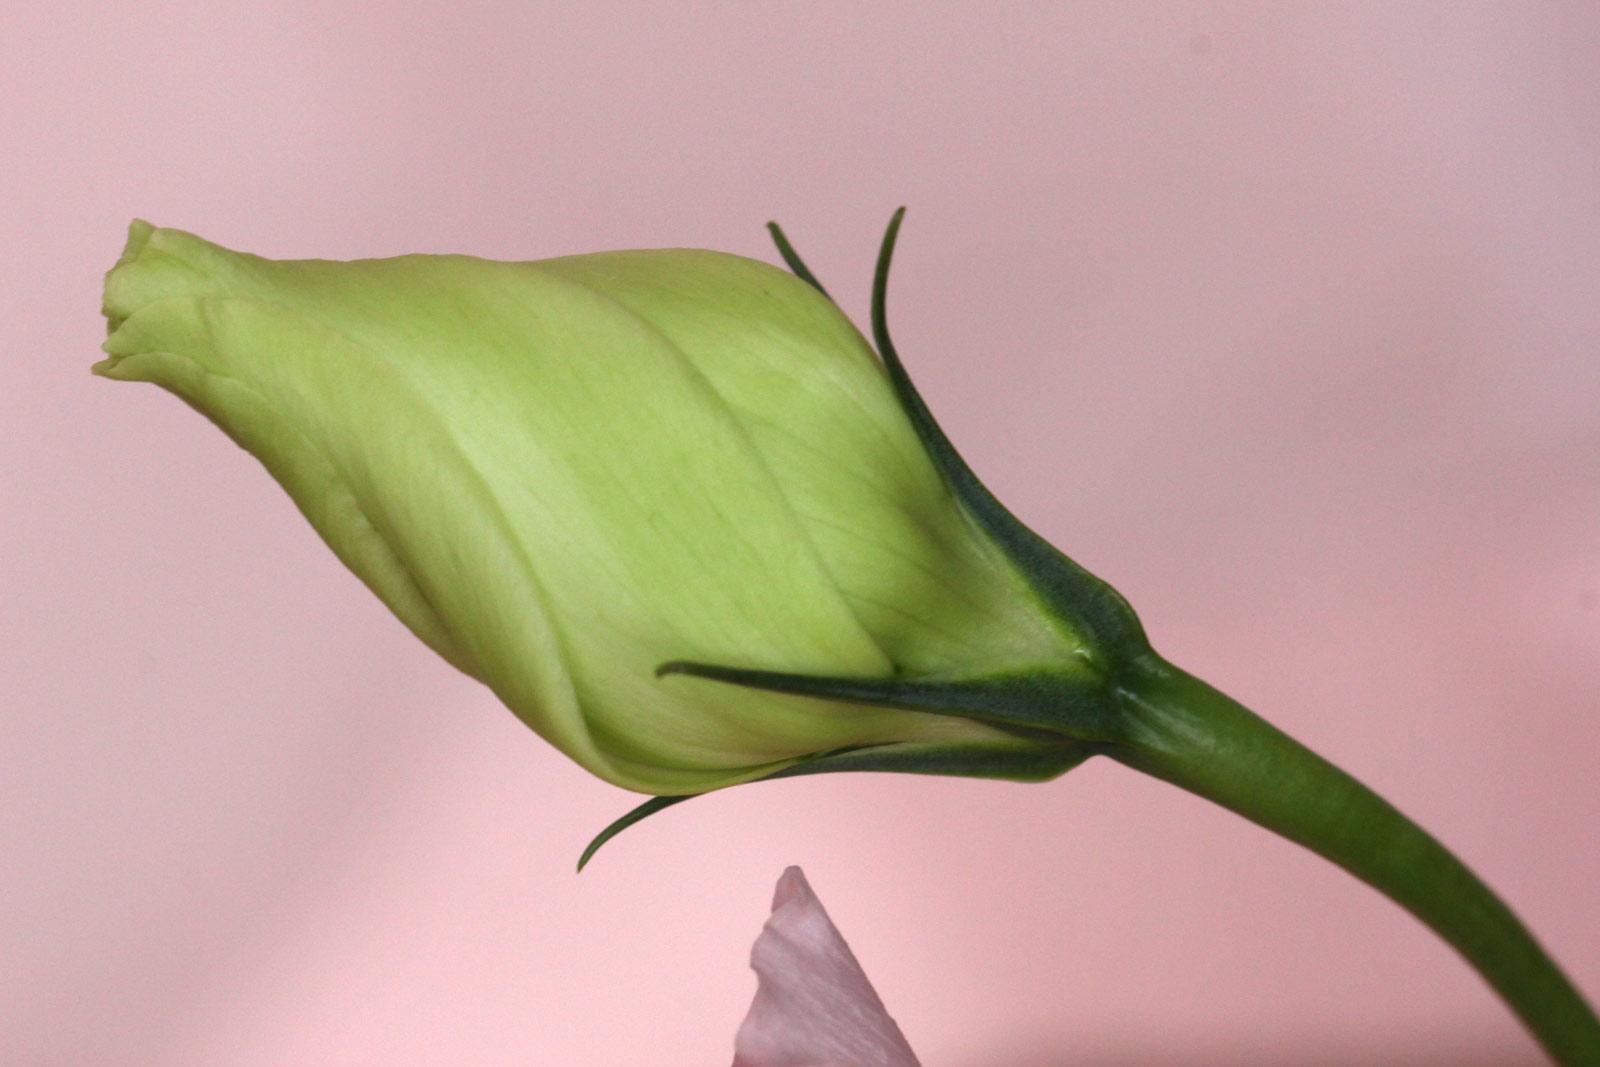 トルコキキョウの画像 p1_4